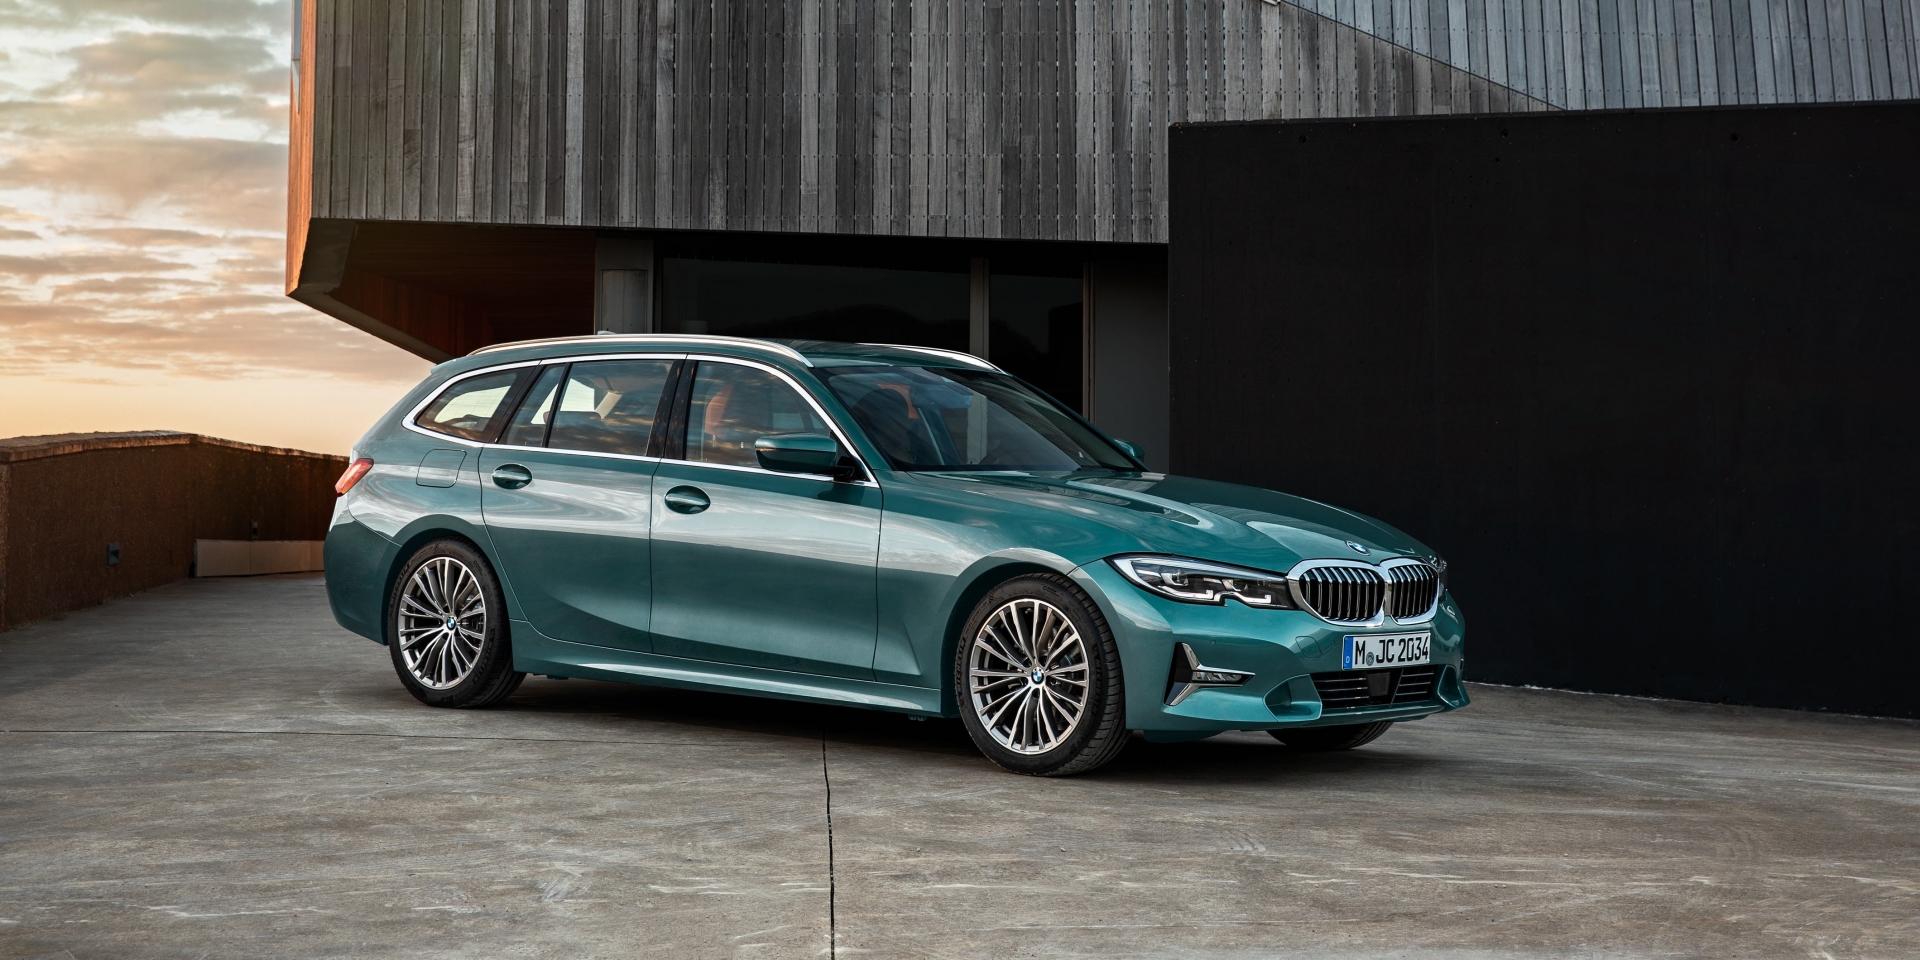 重回四缸懷抱並導入48V系統 BMW多款車輛動力更新!